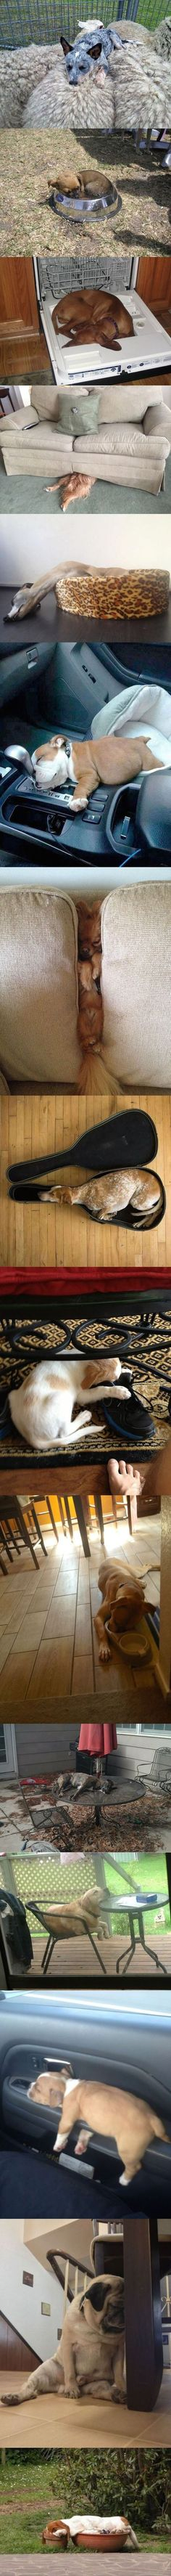 Hunde und ihre bequemen Schlafplätze | Webfail - Fail Bilder und Fail Videos